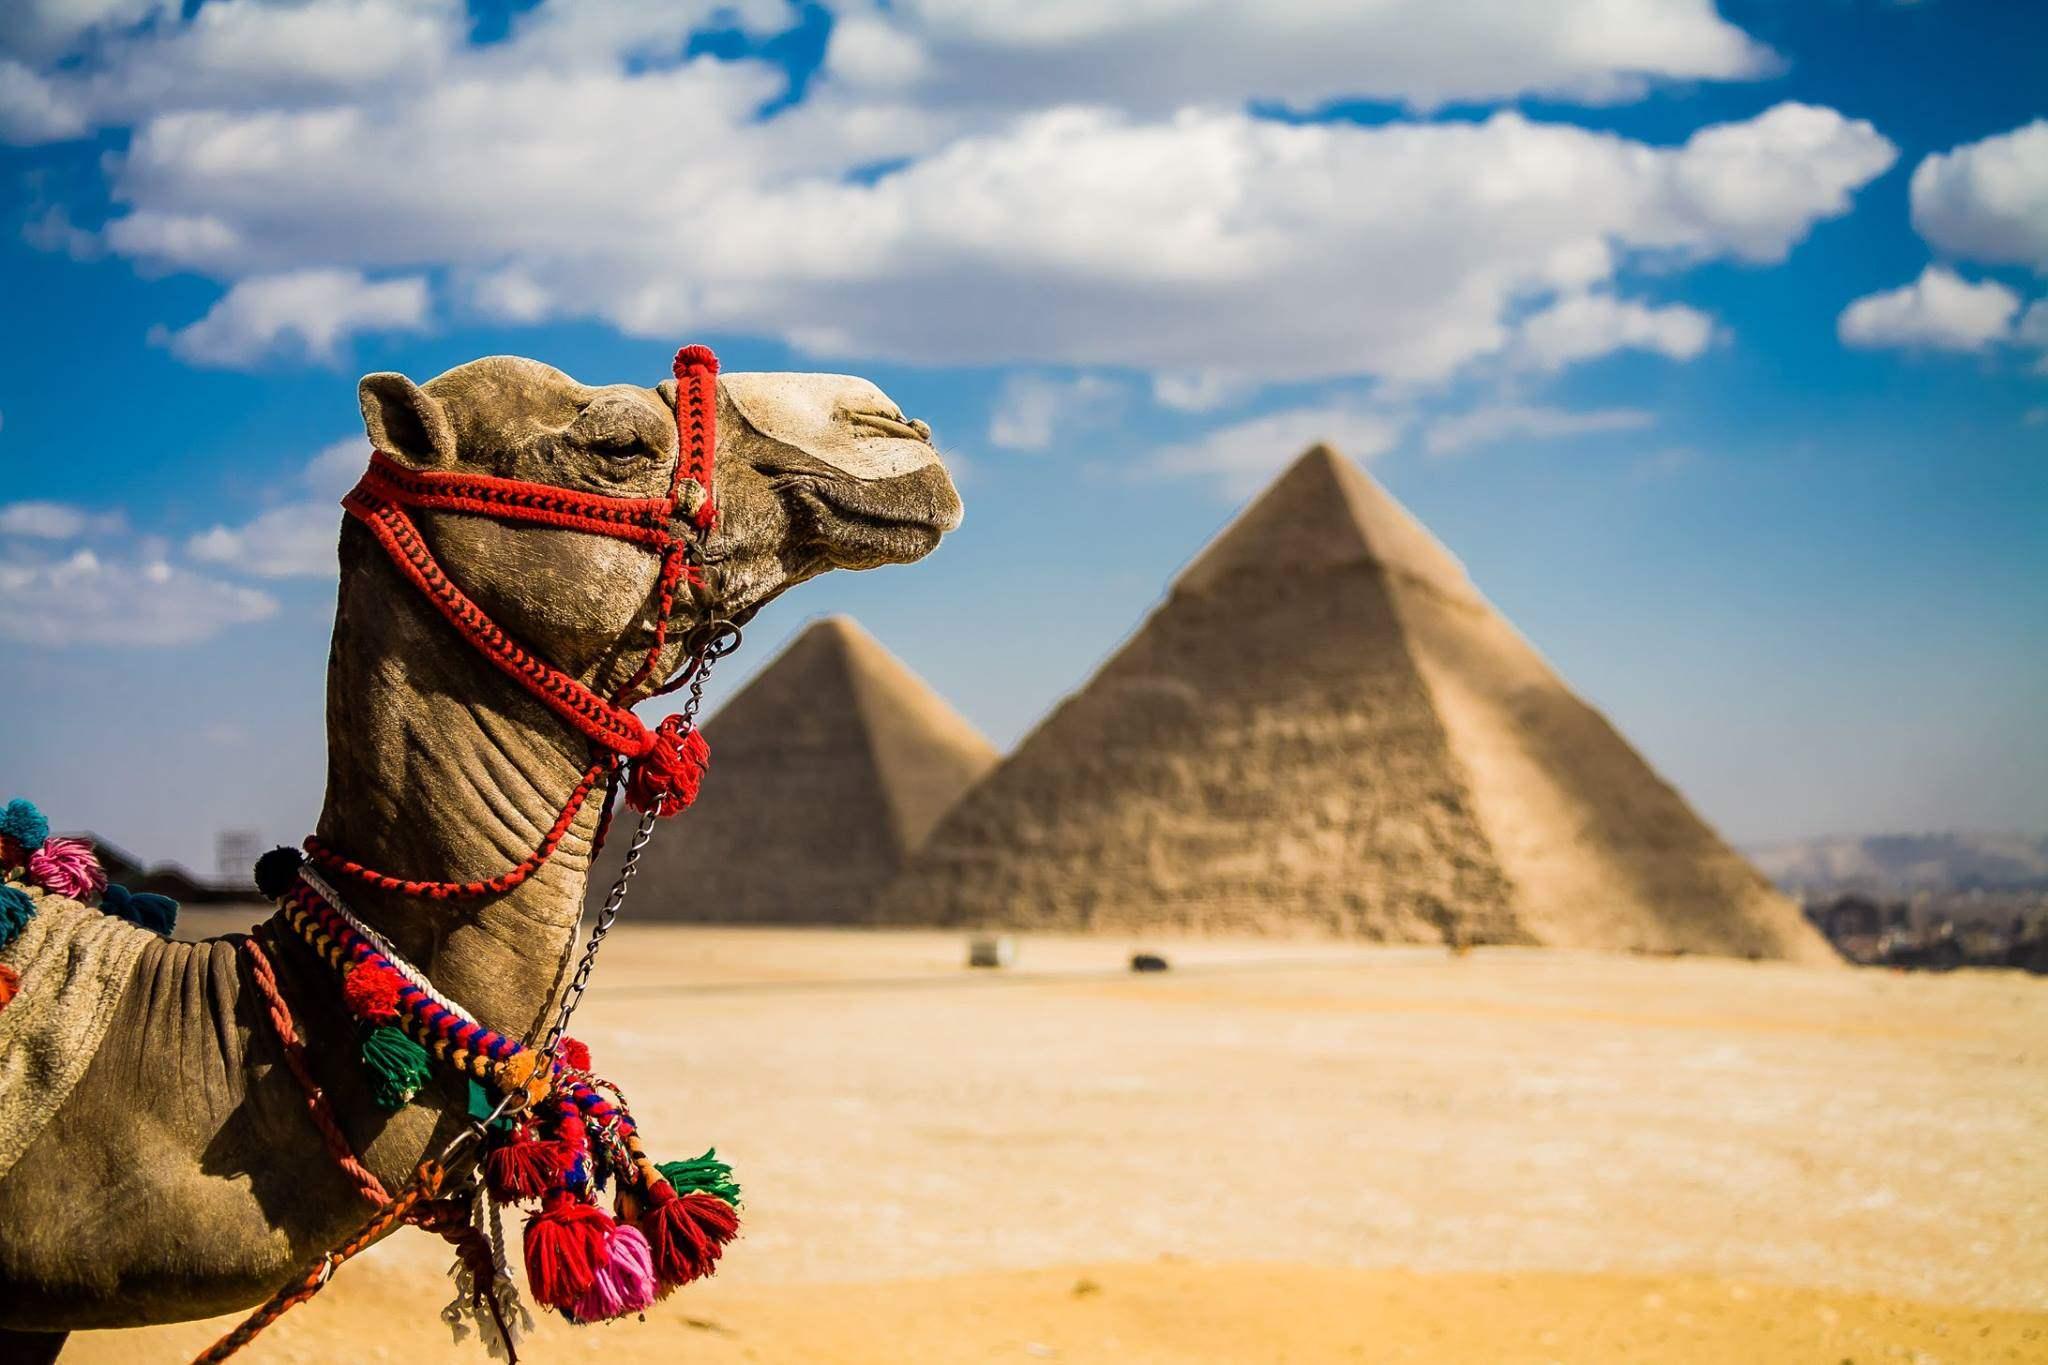 Где лучше отдыхать в Египте: особенности и популярные курорты